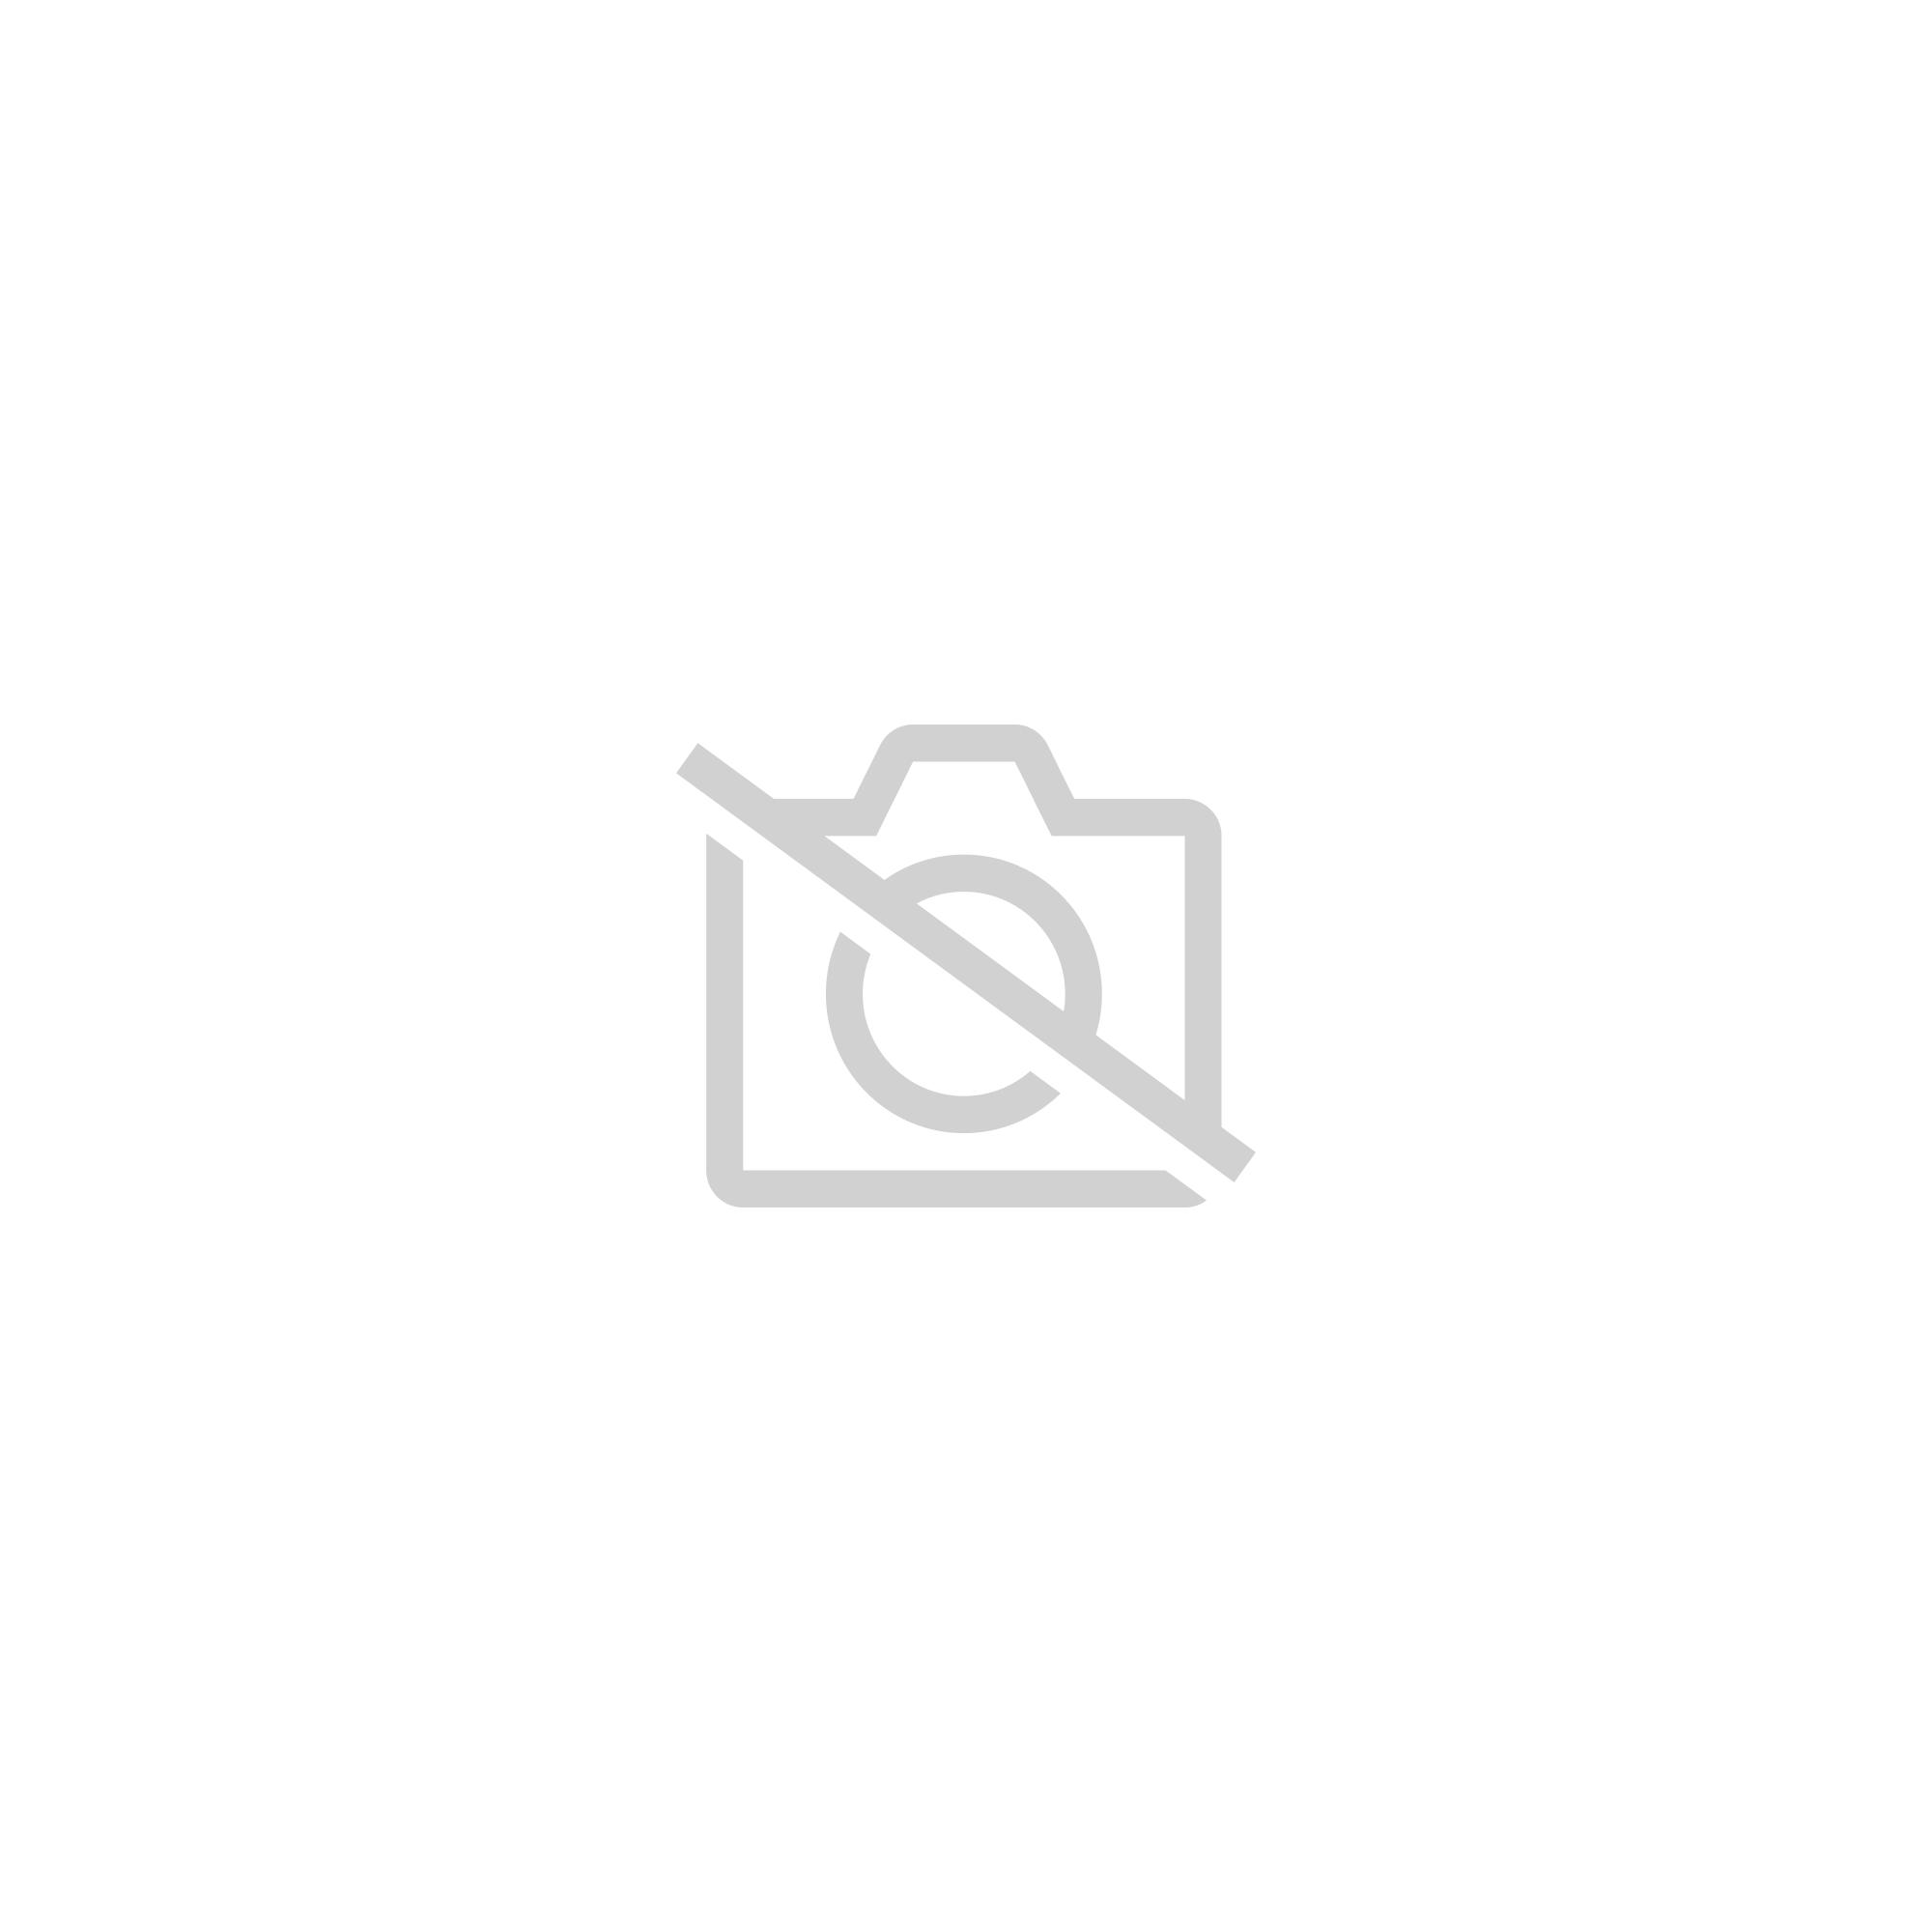 Jeux De Carte One Piece Wanted